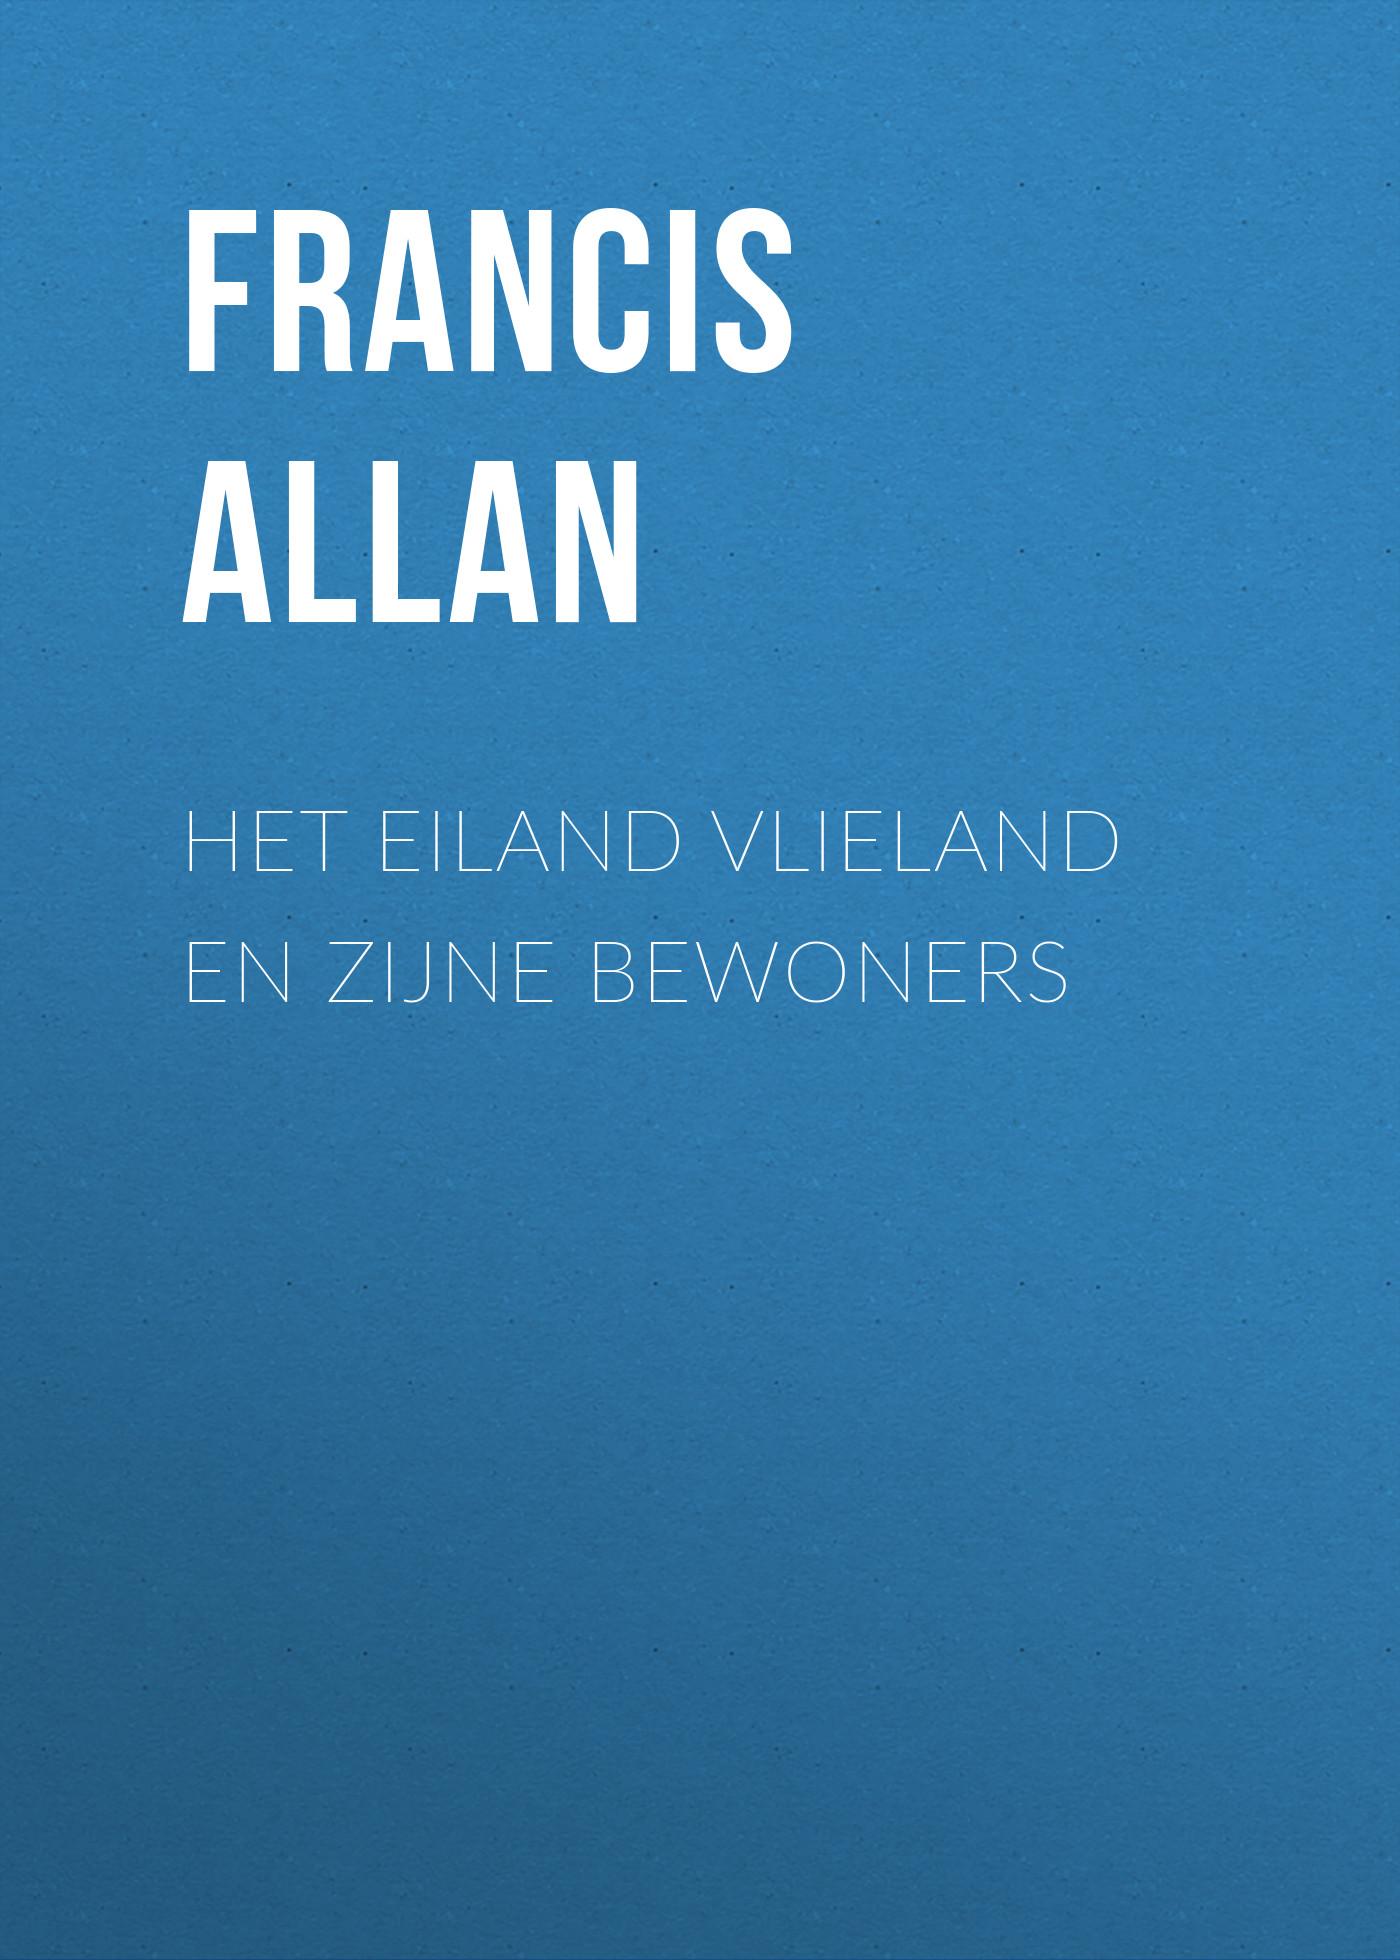 Allan Francis Het Eiland Vlieland en Zijne Bewoners allan francis het eiland vlieland en zijne bewoners